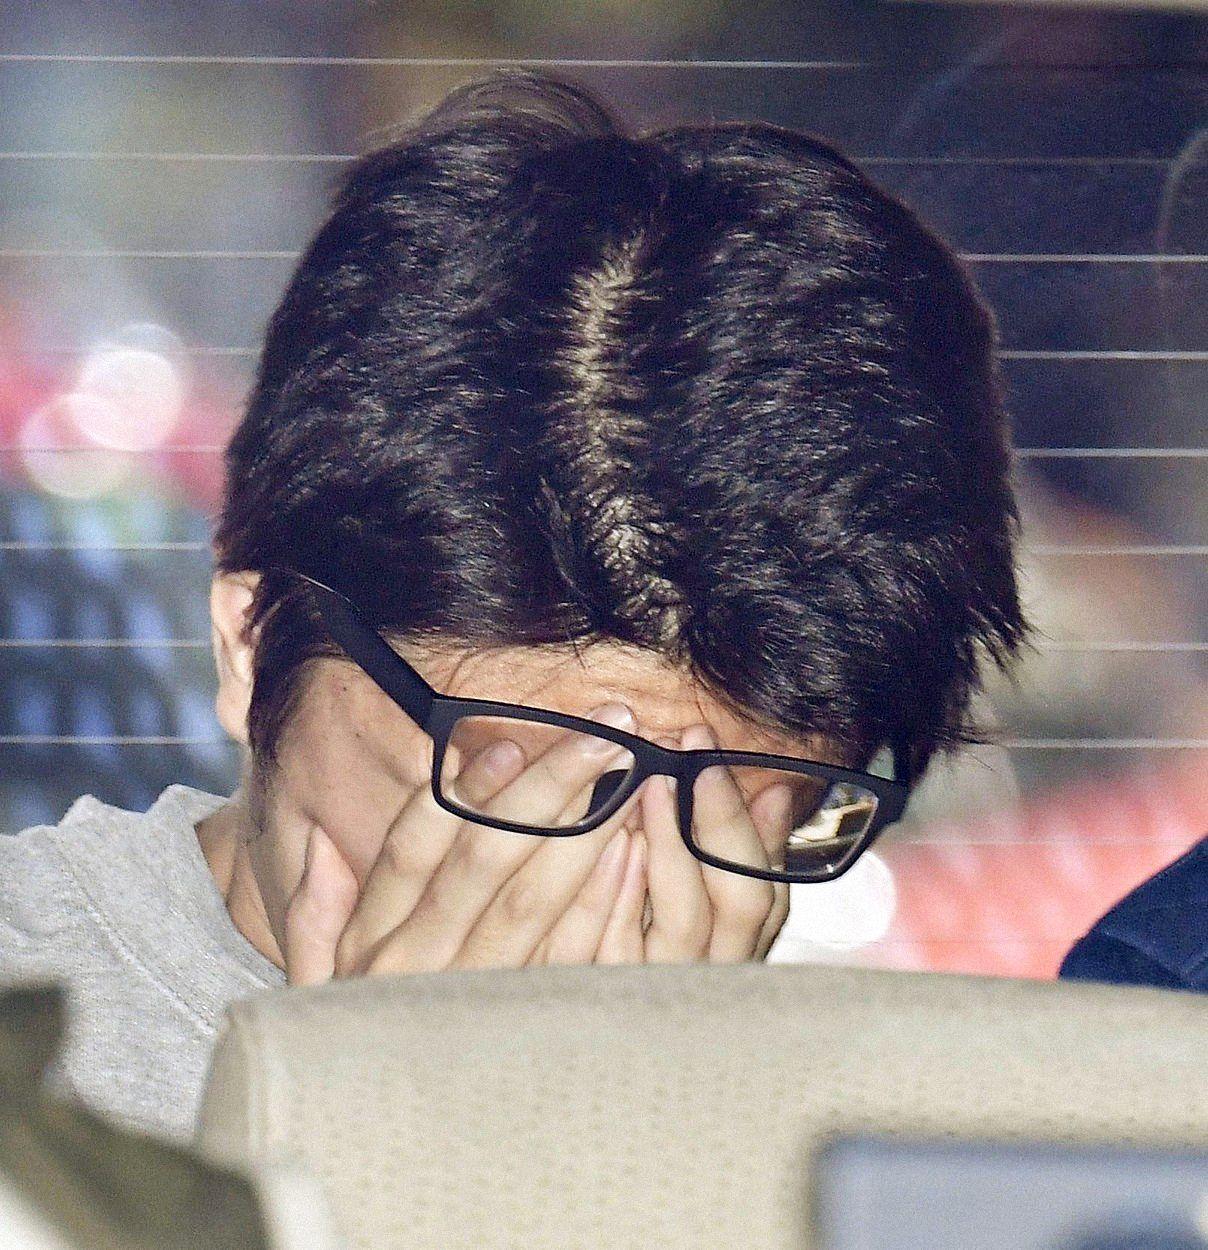 Assassino japonês que conhecia suas vítimas no Twitter é condenado à morte